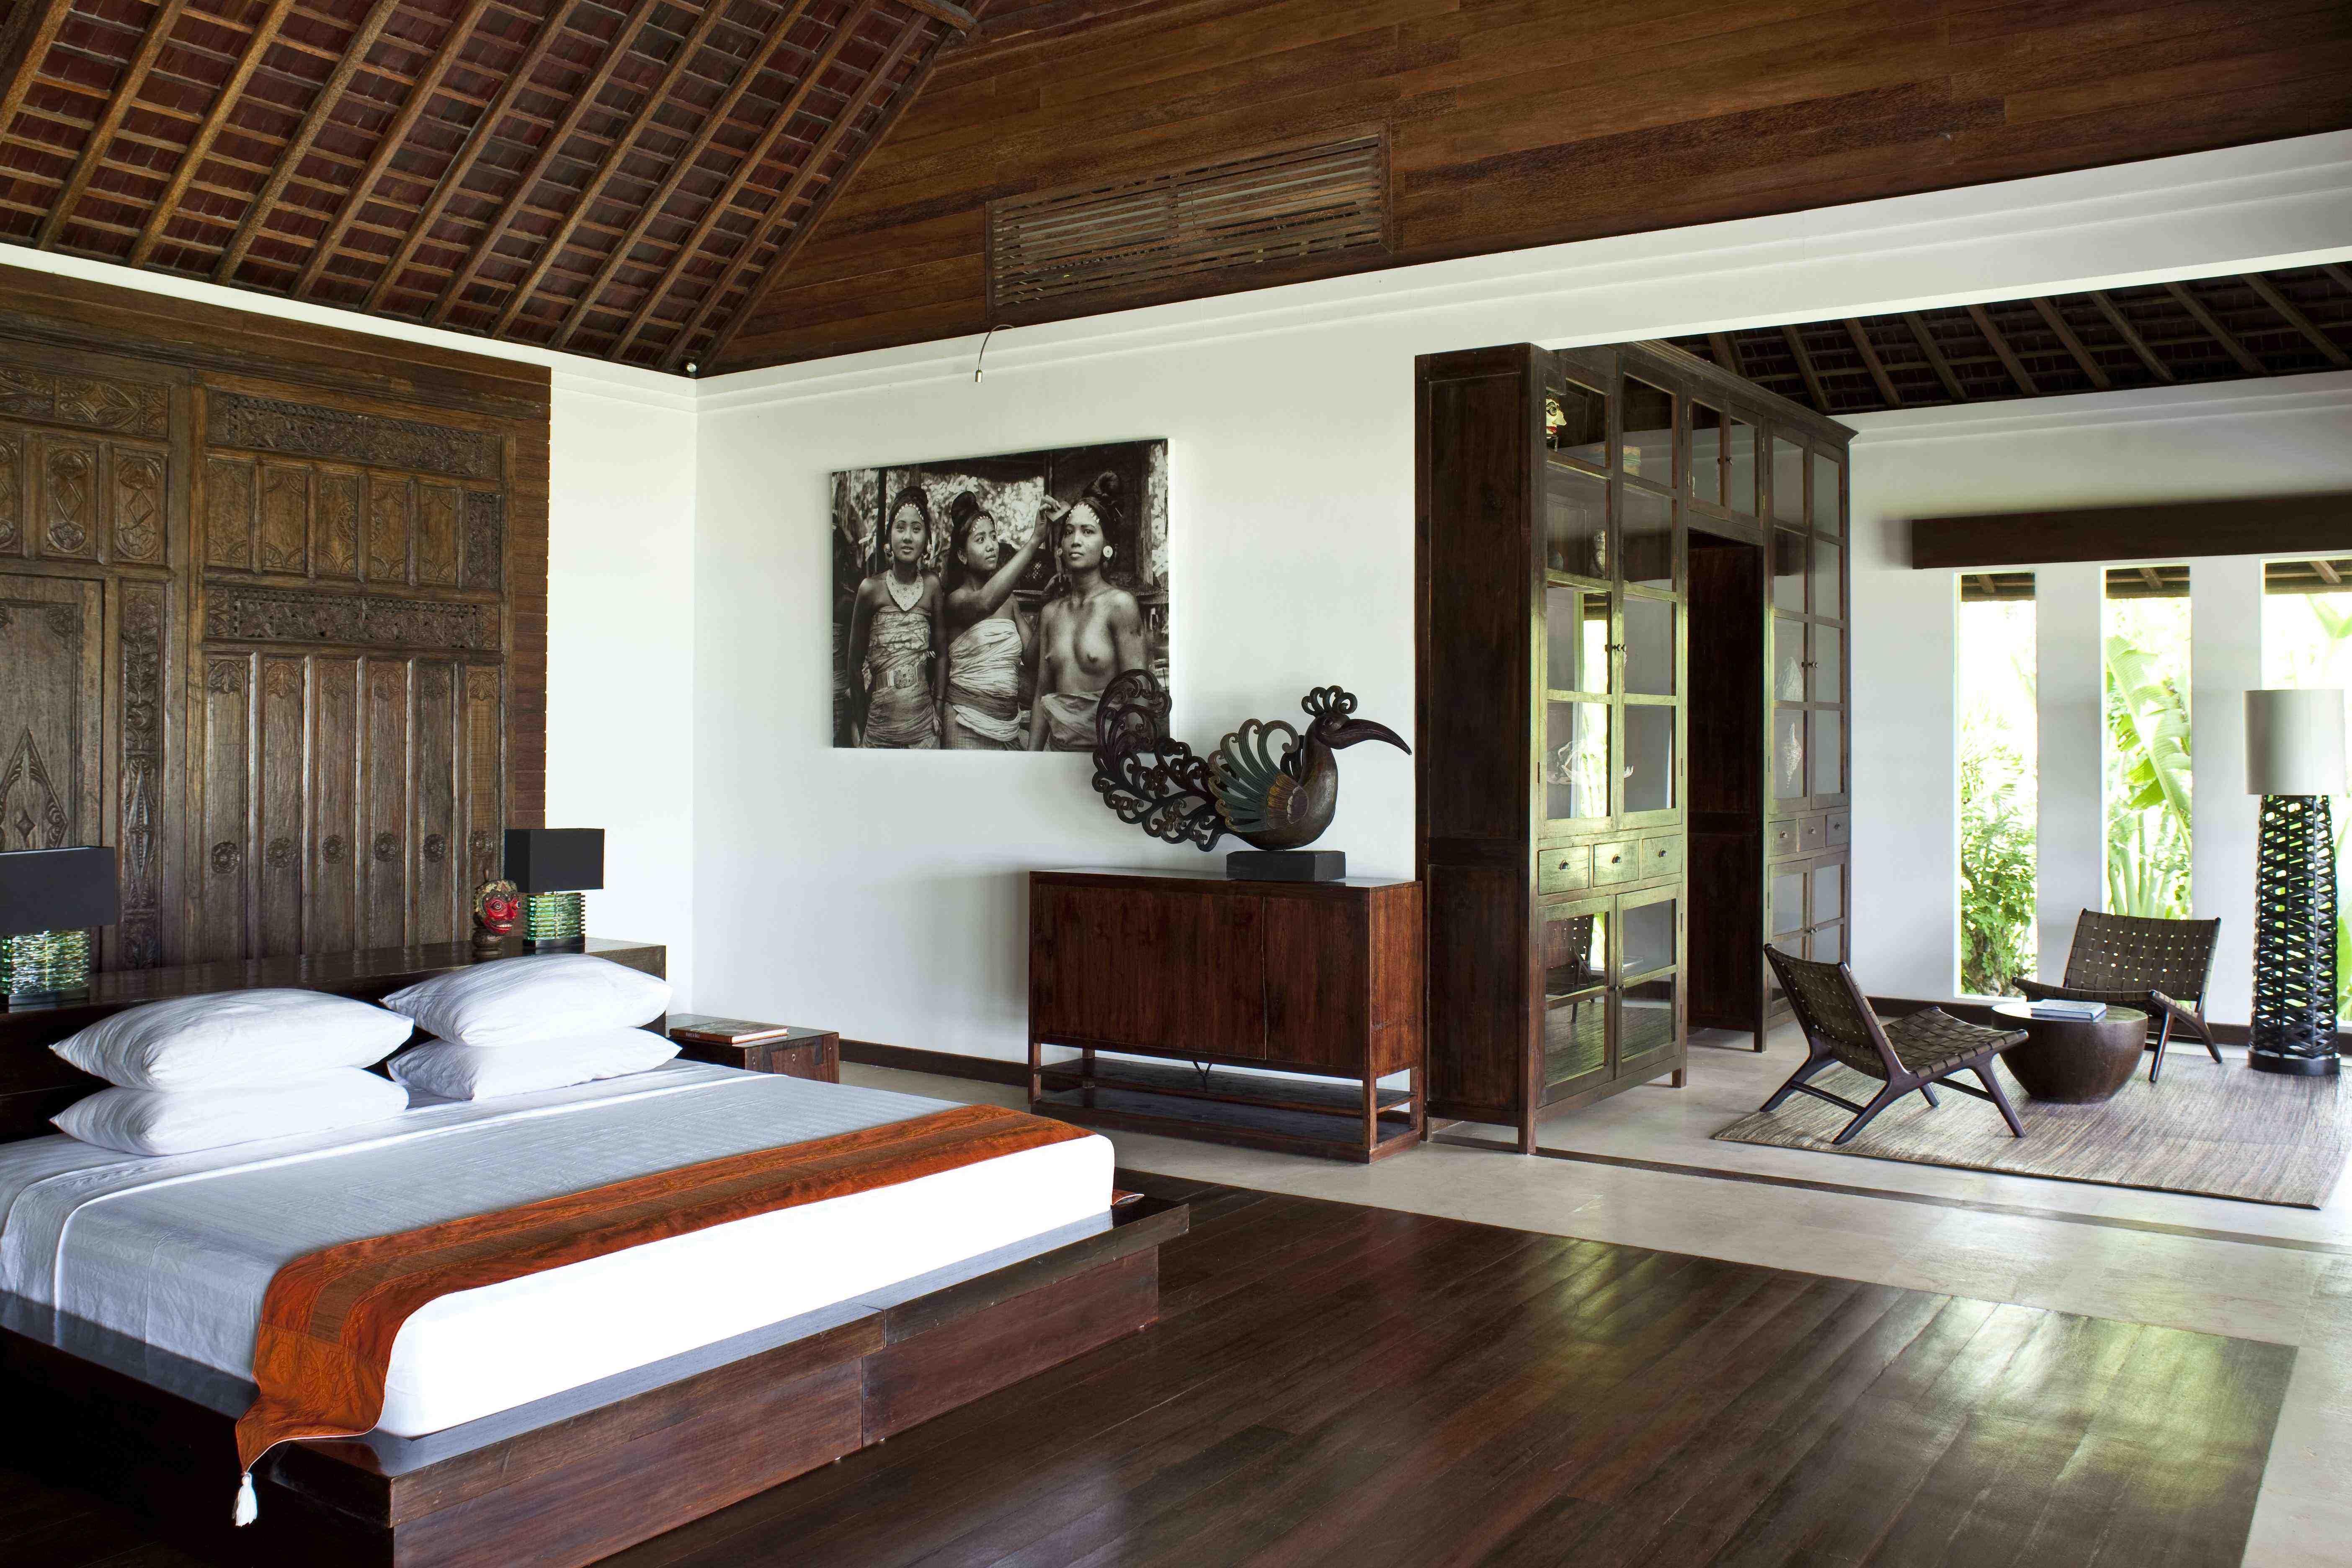 Balinese Interior Design bedroom   Ungasan Villas   Interior Design Bali    Cempaka Furniture   Bali Interior Design   Pinterest   Furniture. Balinese Interior Design bedroom   Ungasan Villas   Interior